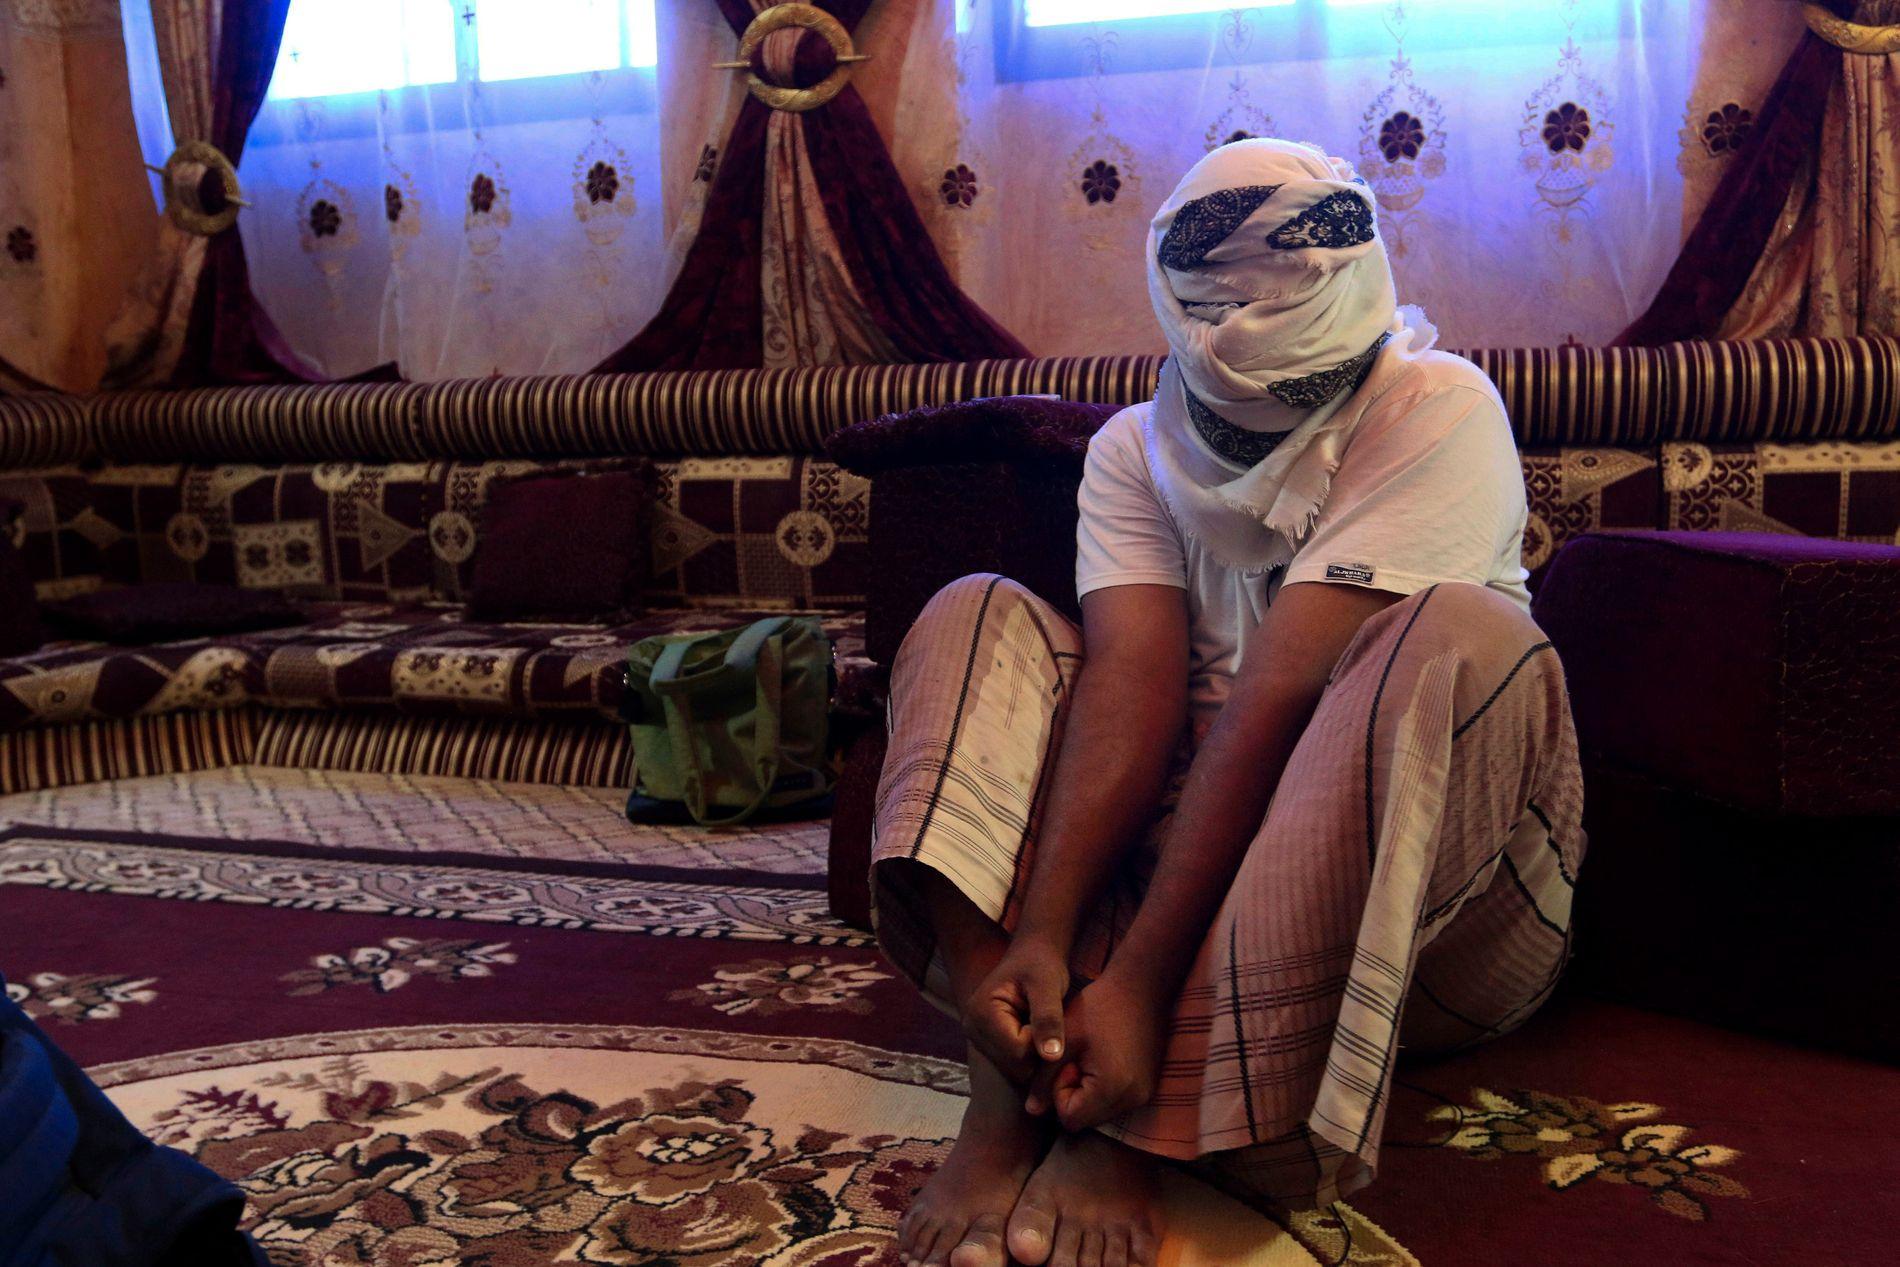 VAR I FENGSELET: En tidligere fange beskriver hvordan han ble bundet i armer og ben i et hemmelig, fengsel drevet av Emiratene sør i Jemen.